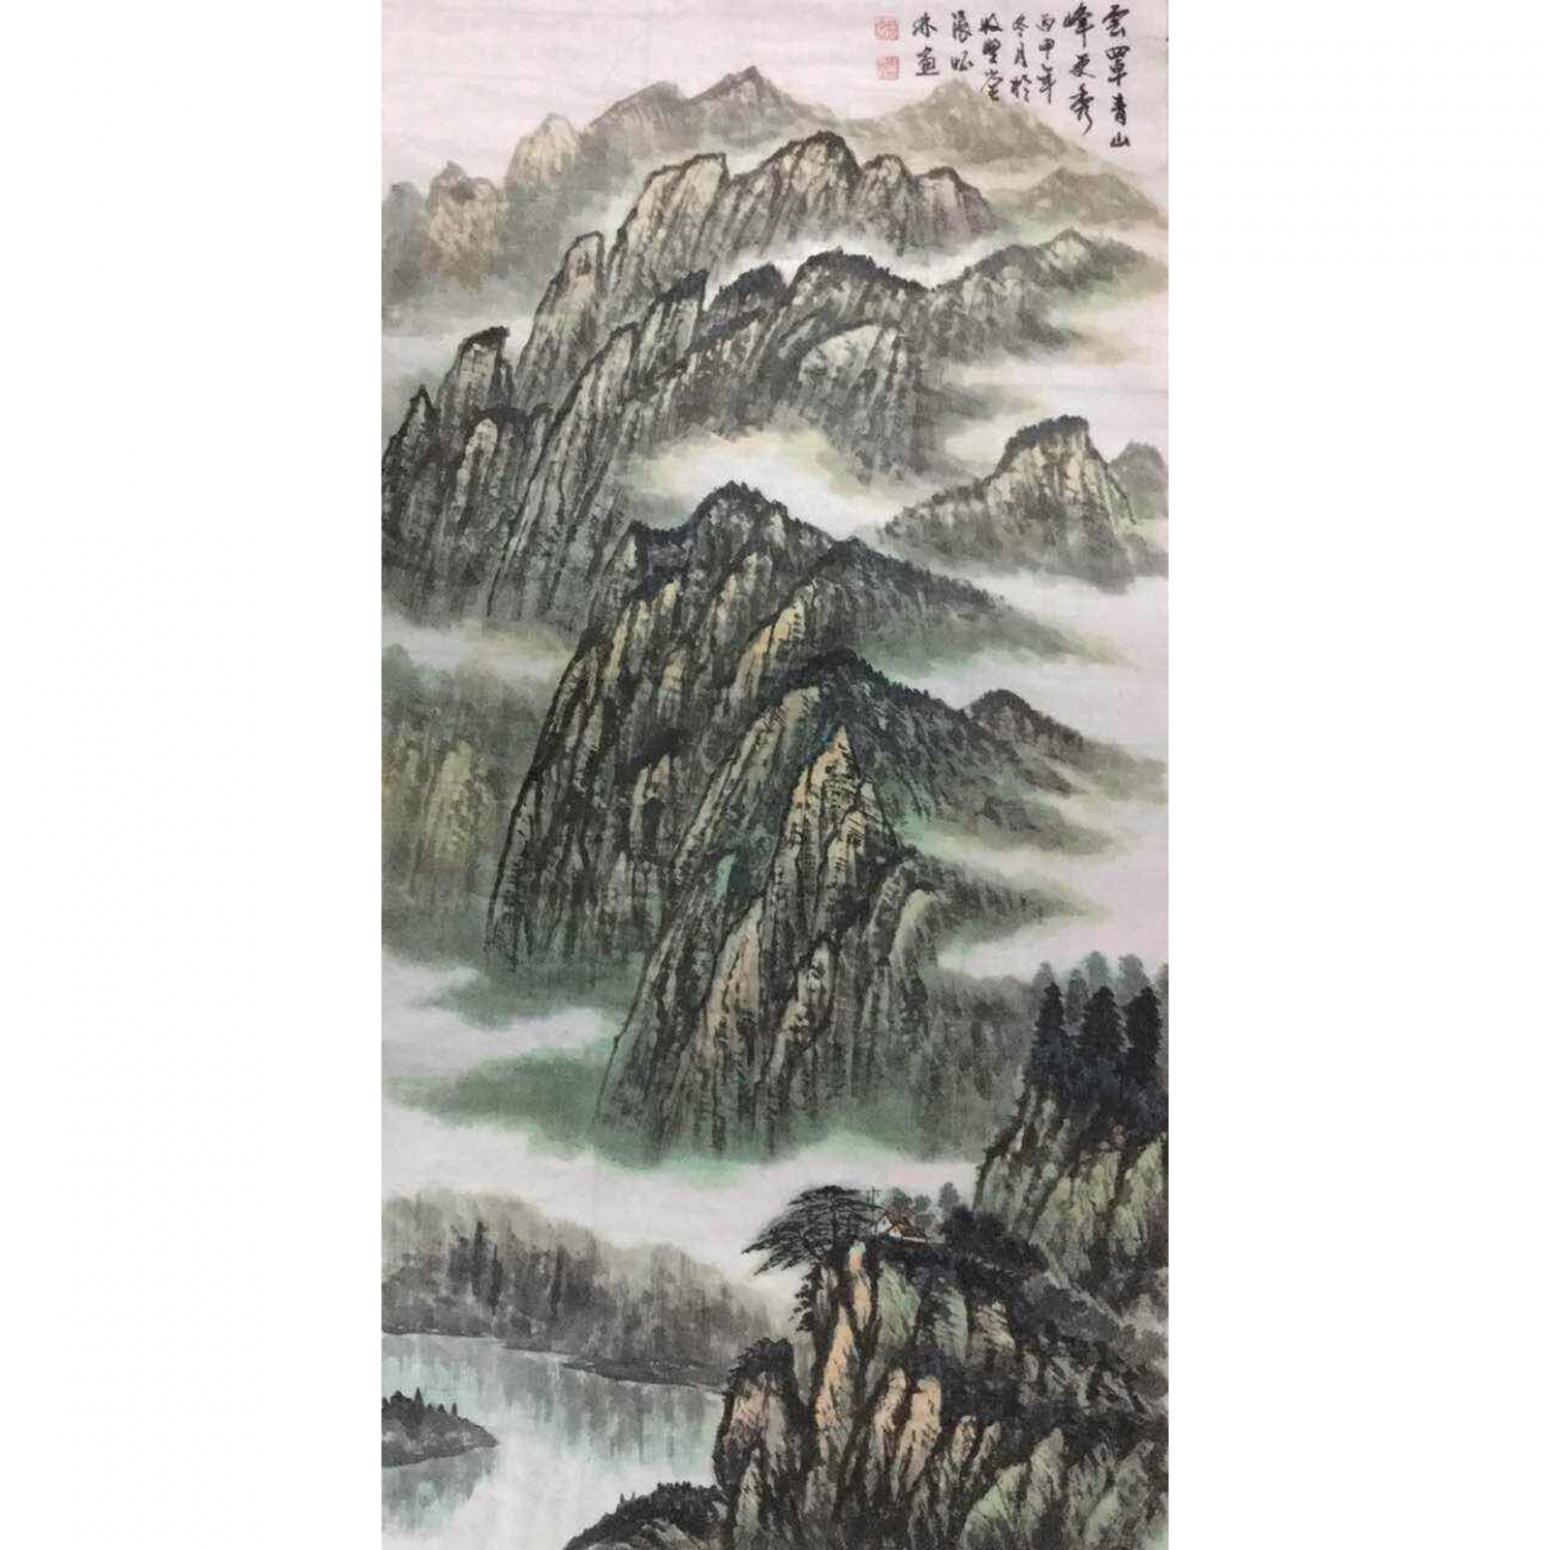 张怀林国画作品《【雲罩青山峰更秀】作者张怀林》